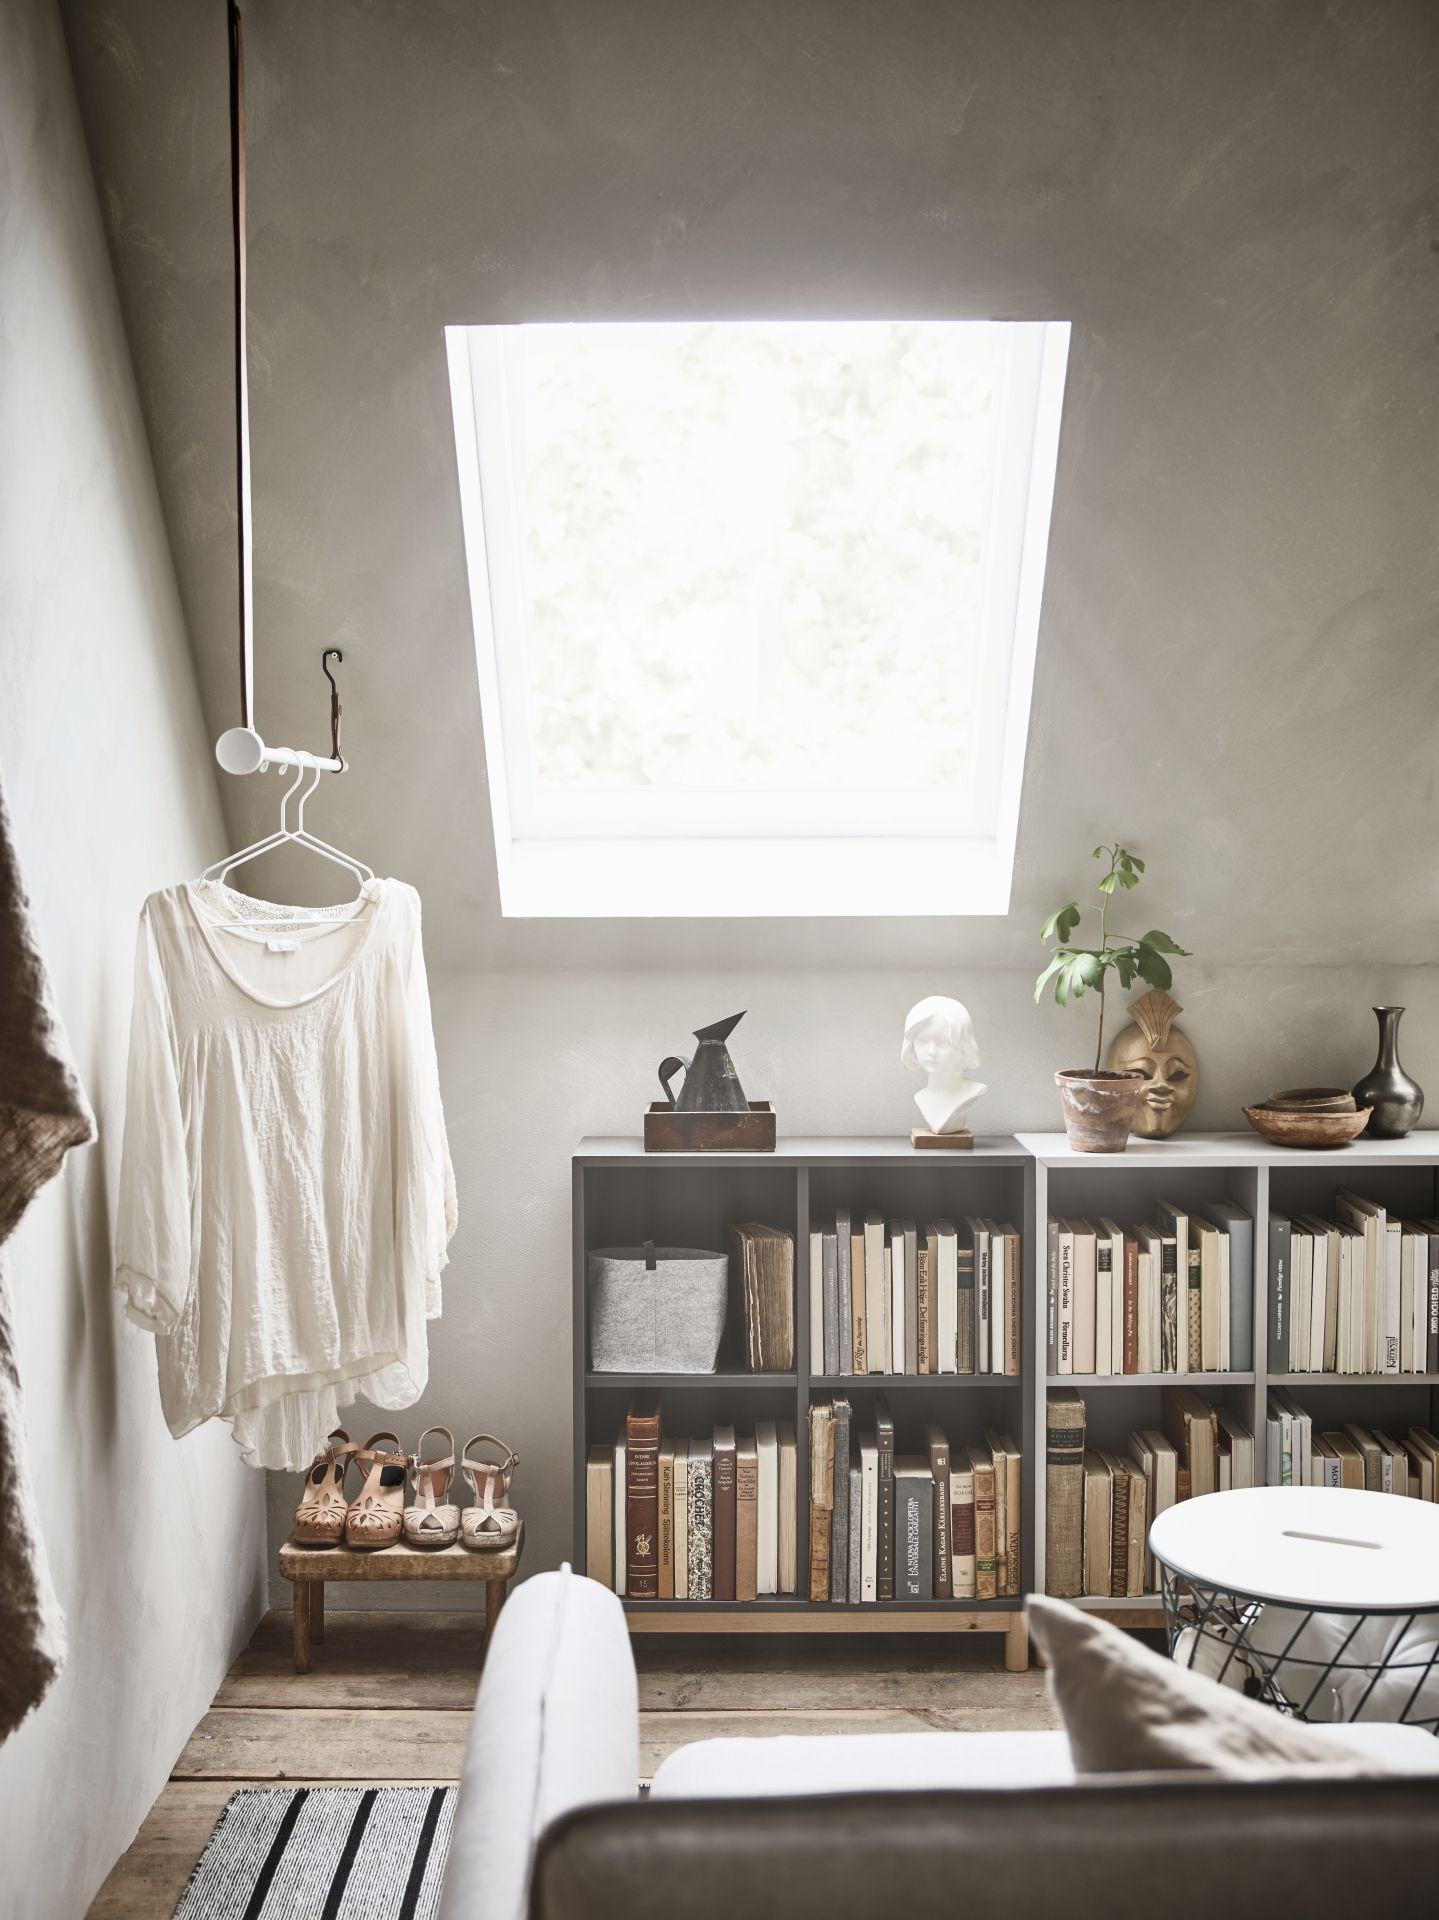 EKET Kast met 4 vakken, wit | Attic, Ikea eket and College room